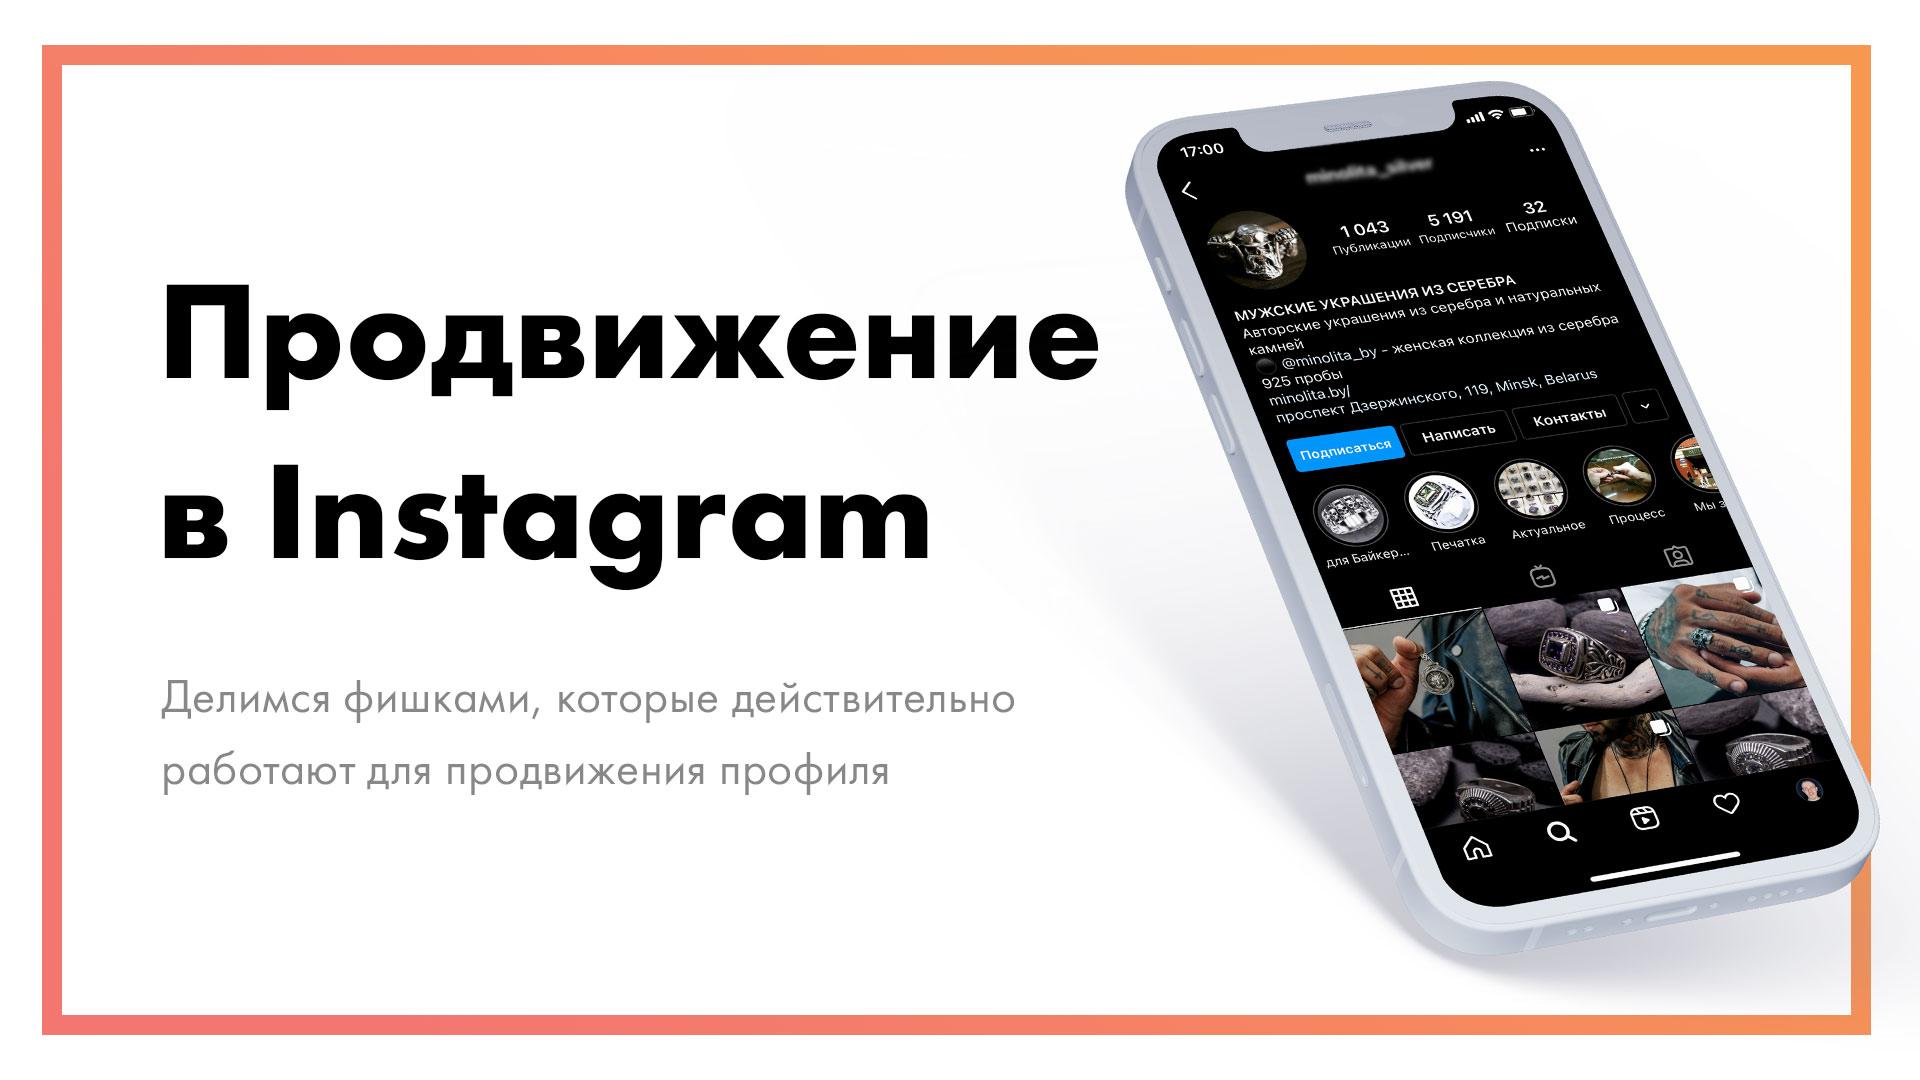 Продвижение-в-Instagram-[фишки,-которые-действительно-работают].jpg